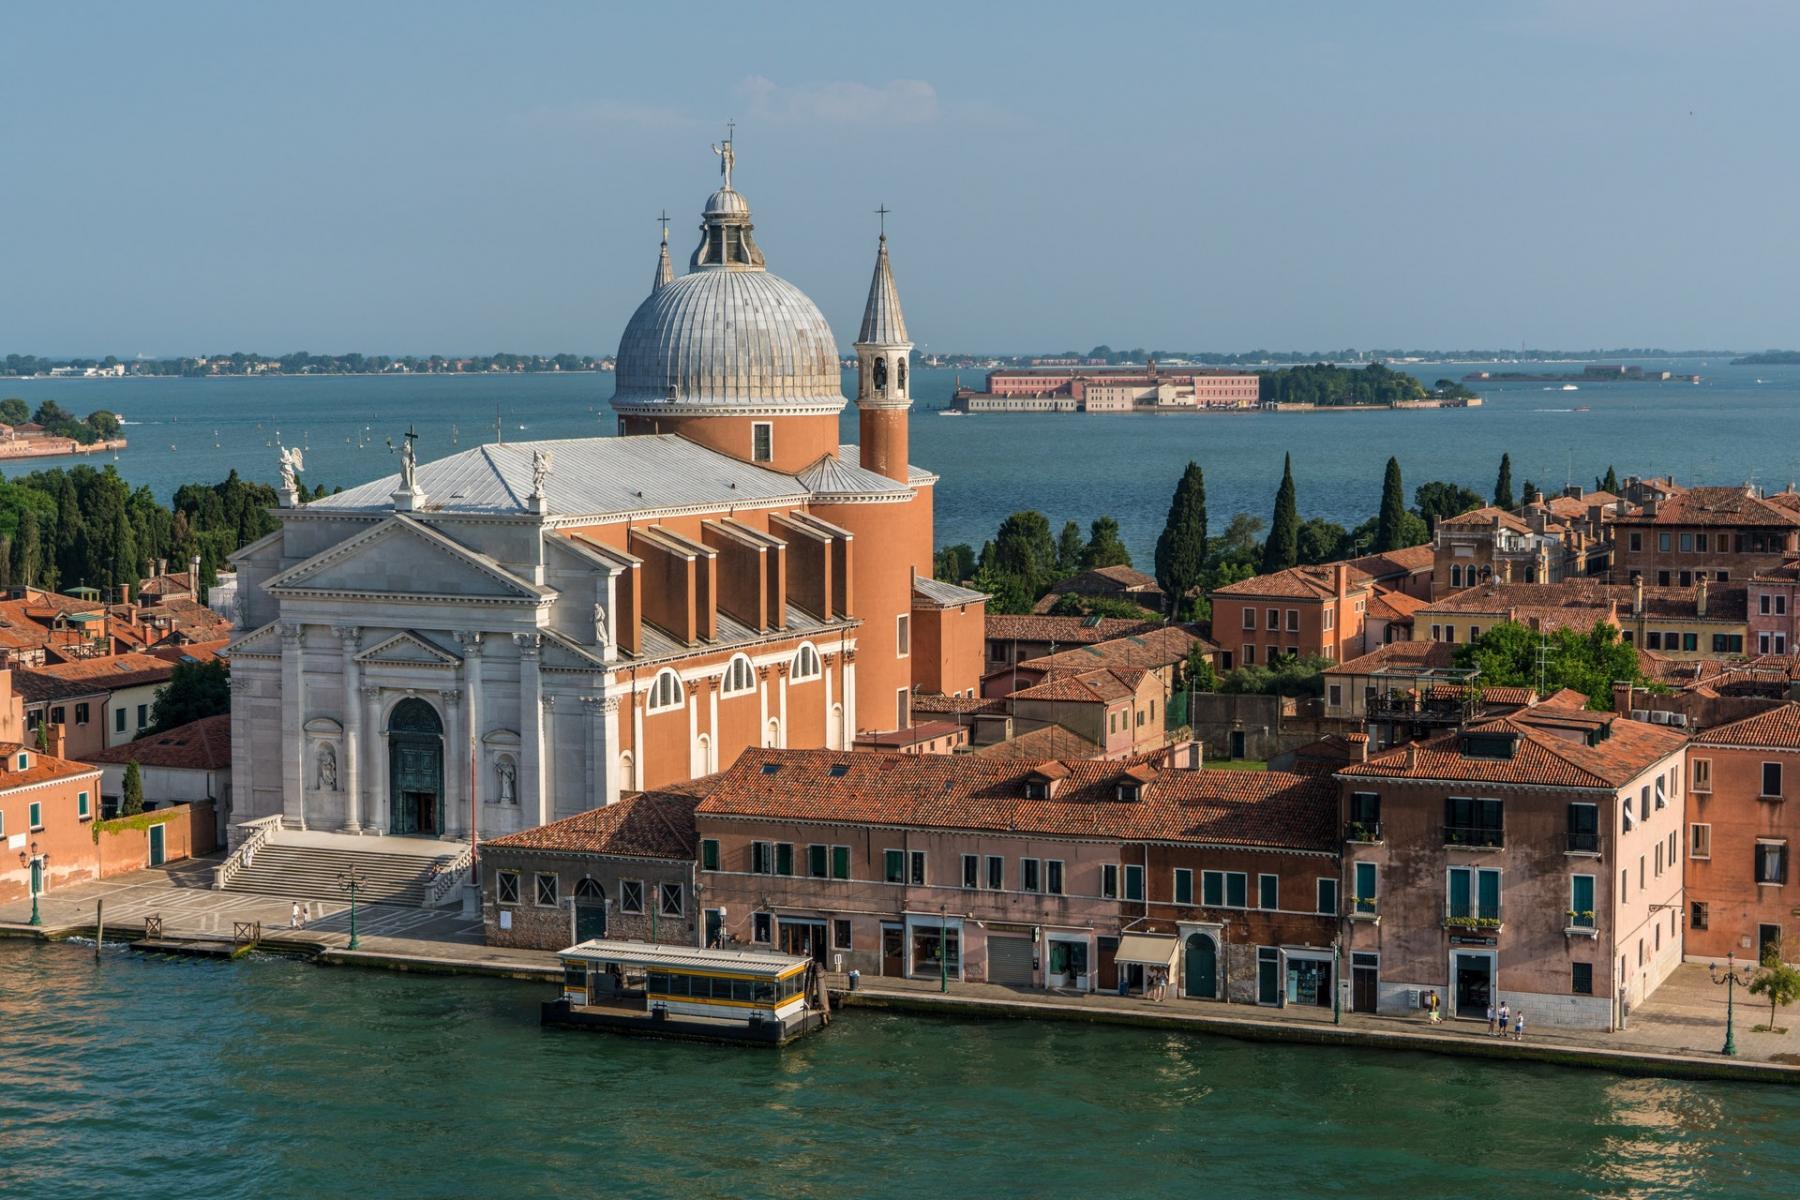 Фото город Венеция, Италия (73267522)